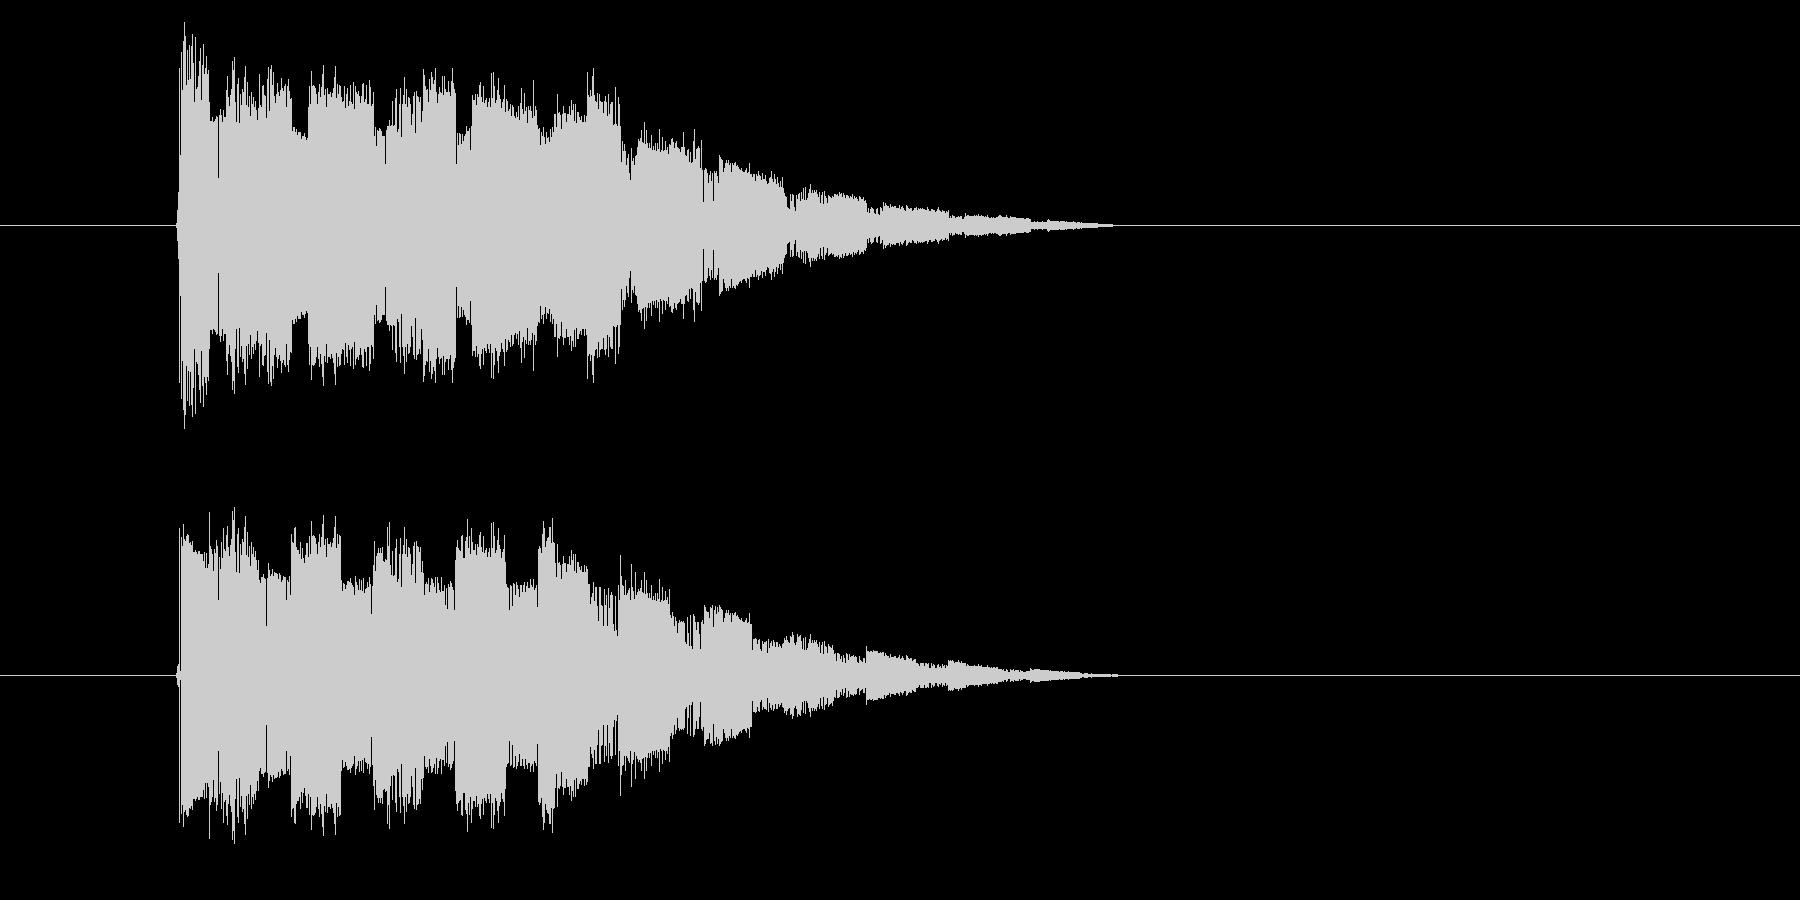 レトロゲーム風 攻撃魔法の音の未再生の波形